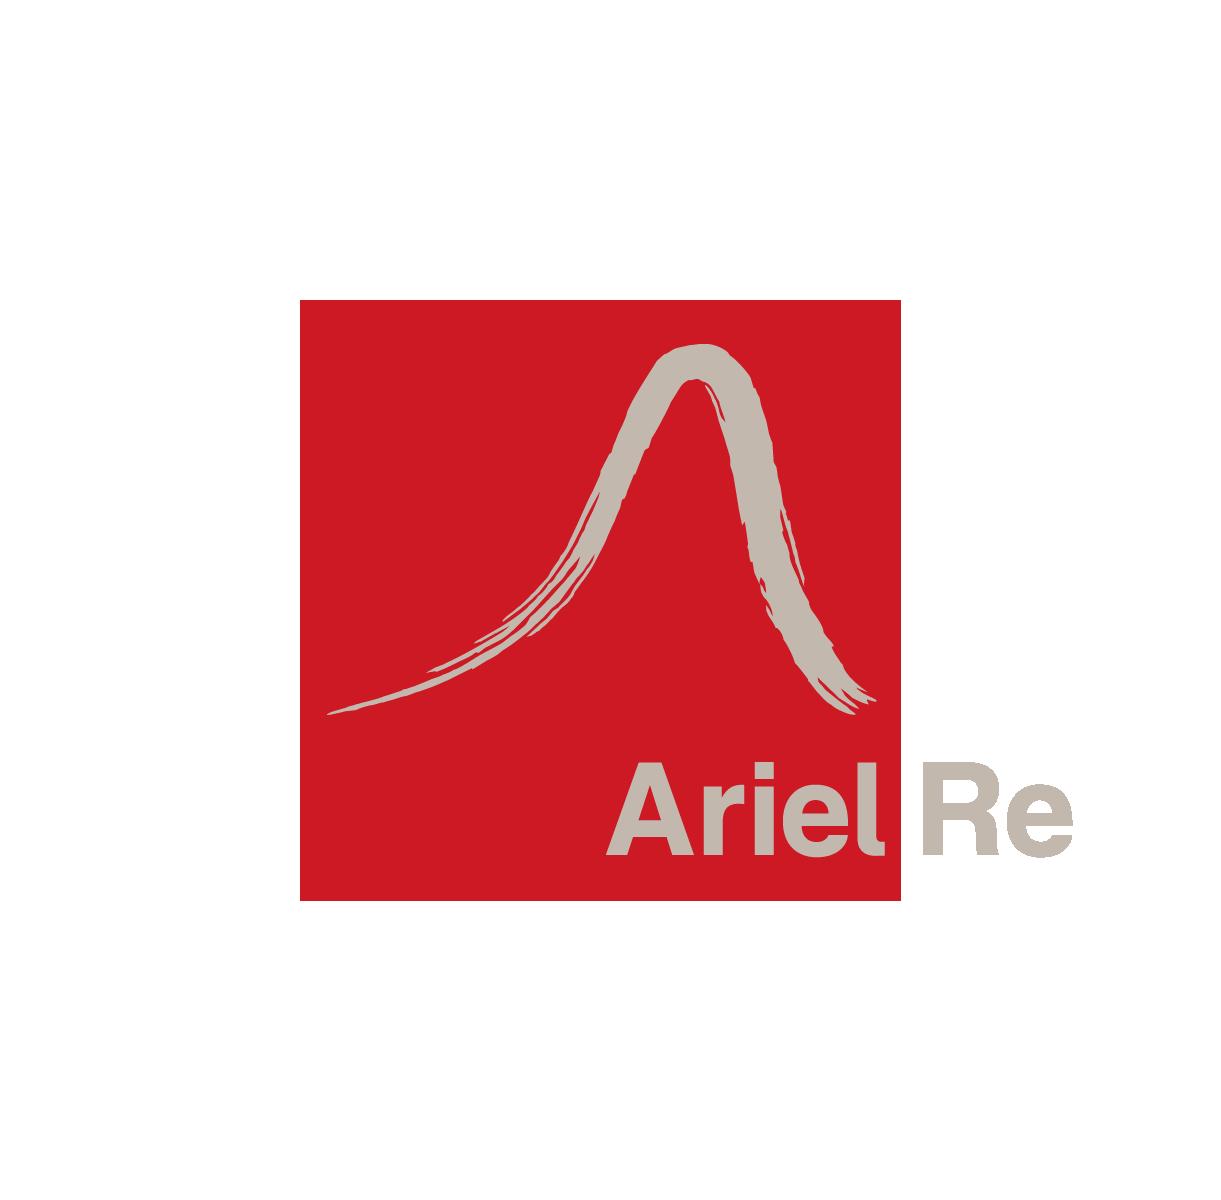 ariel-re-new